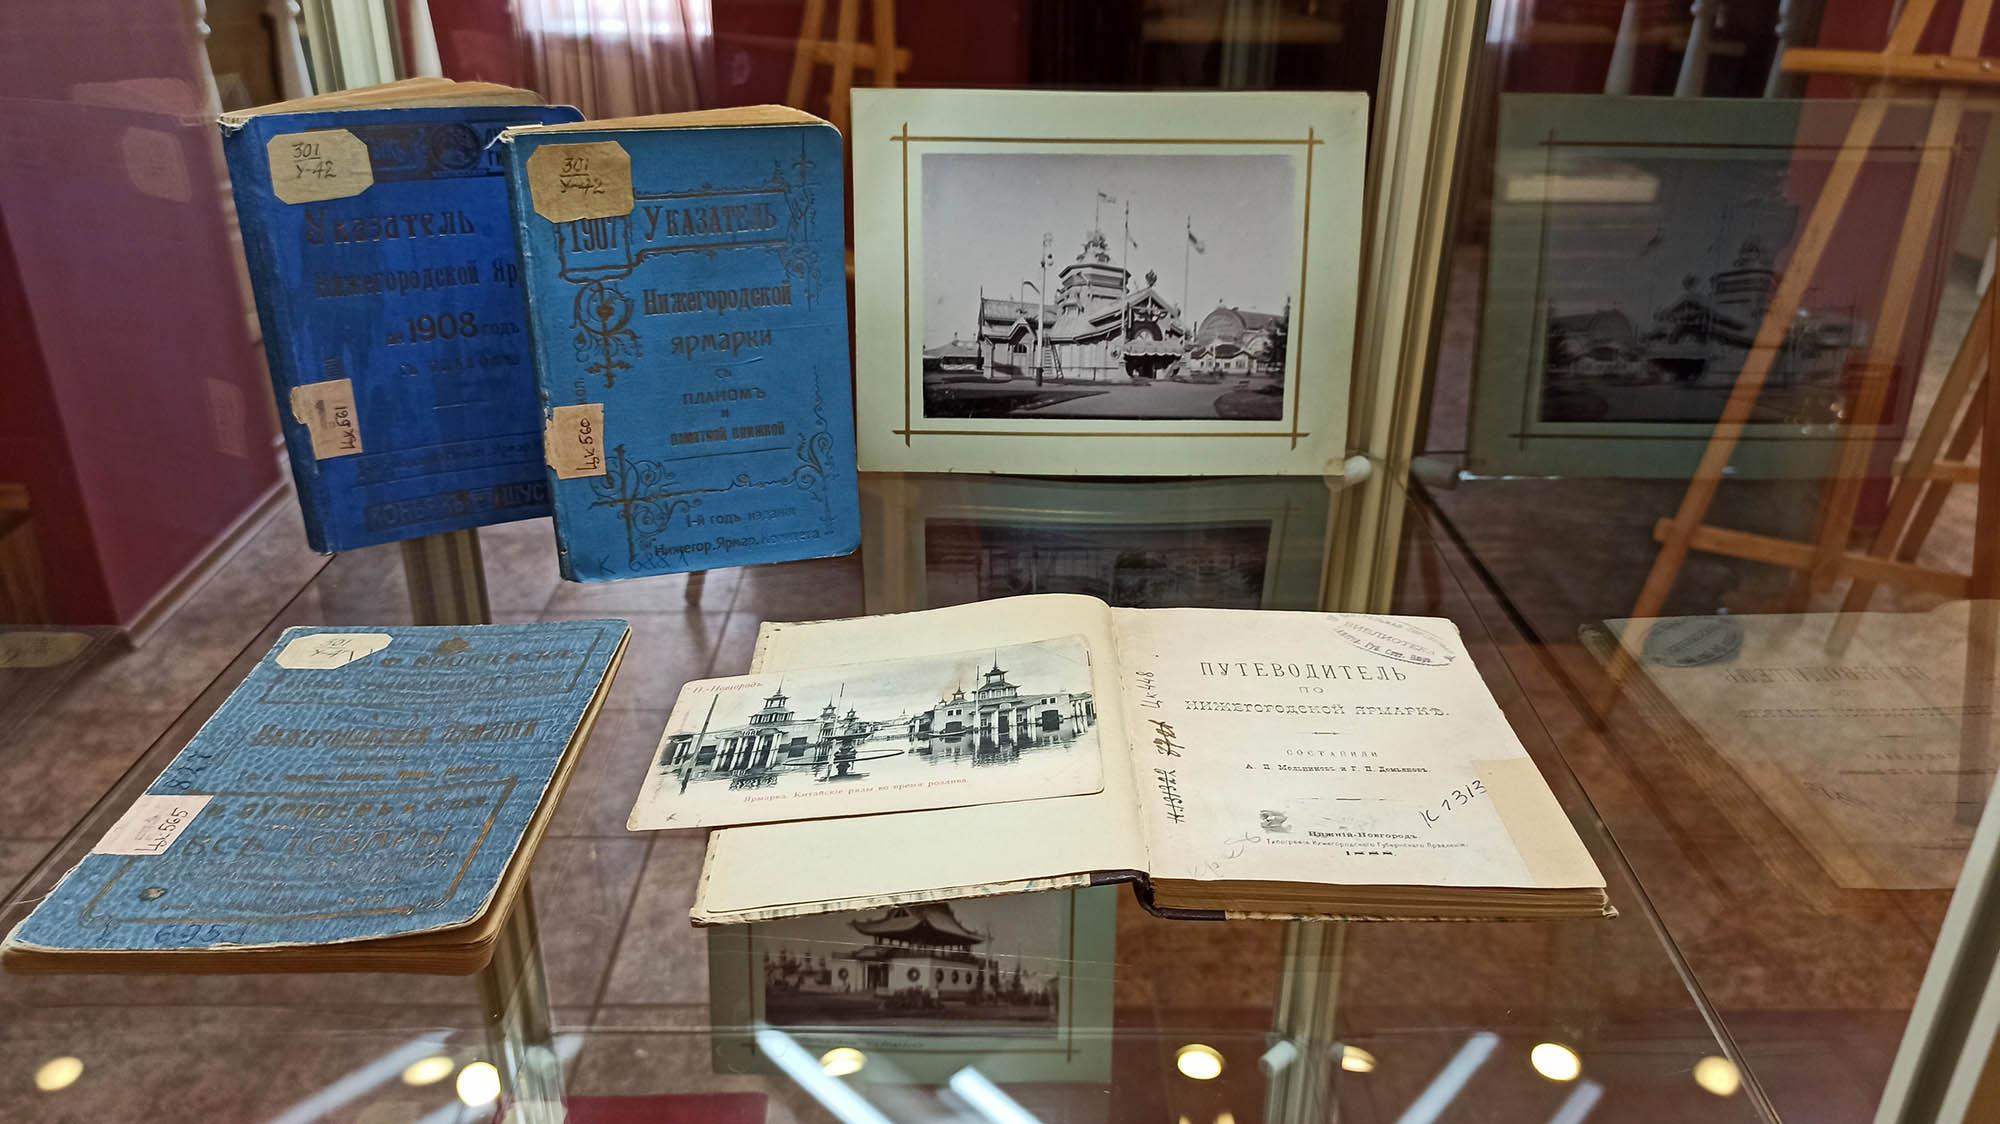 Выставка «Посмотри на Нижний» открылась в Нижегородской областной библиотеке им. В.И. Ленина